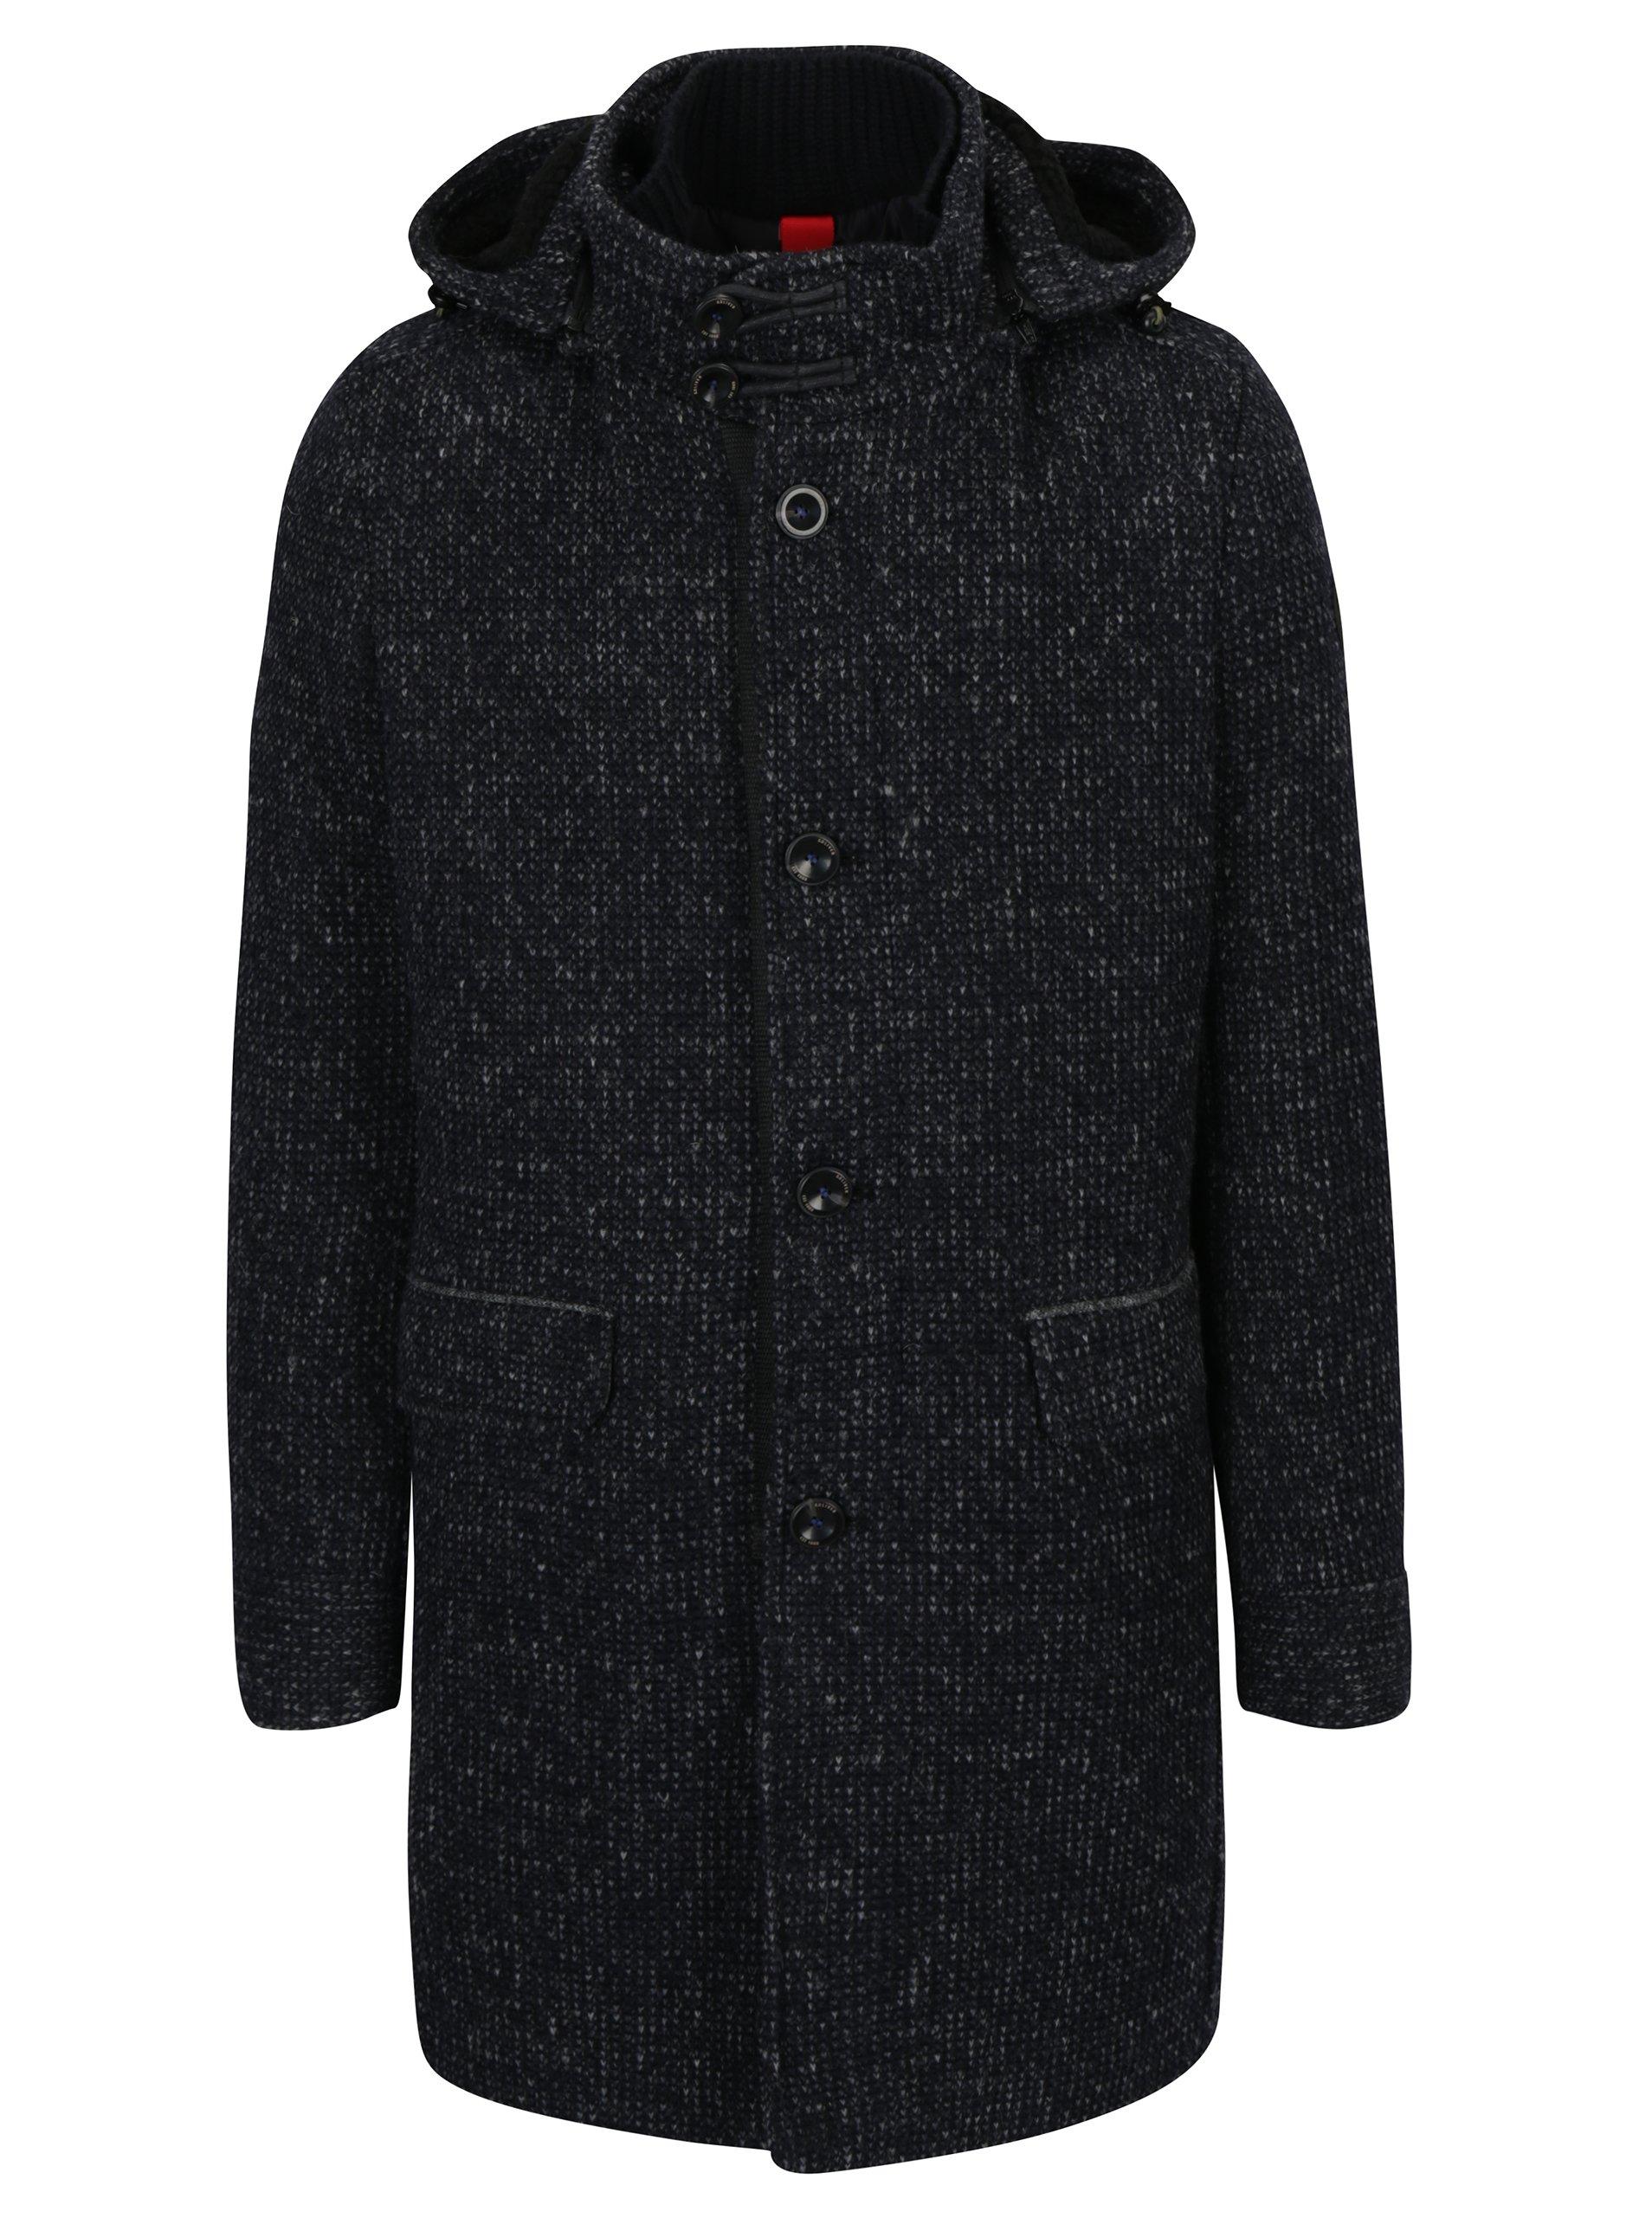 Šedo-modrý pánský žíhaný vlněný zimní kabát s kapucí s.Oliver